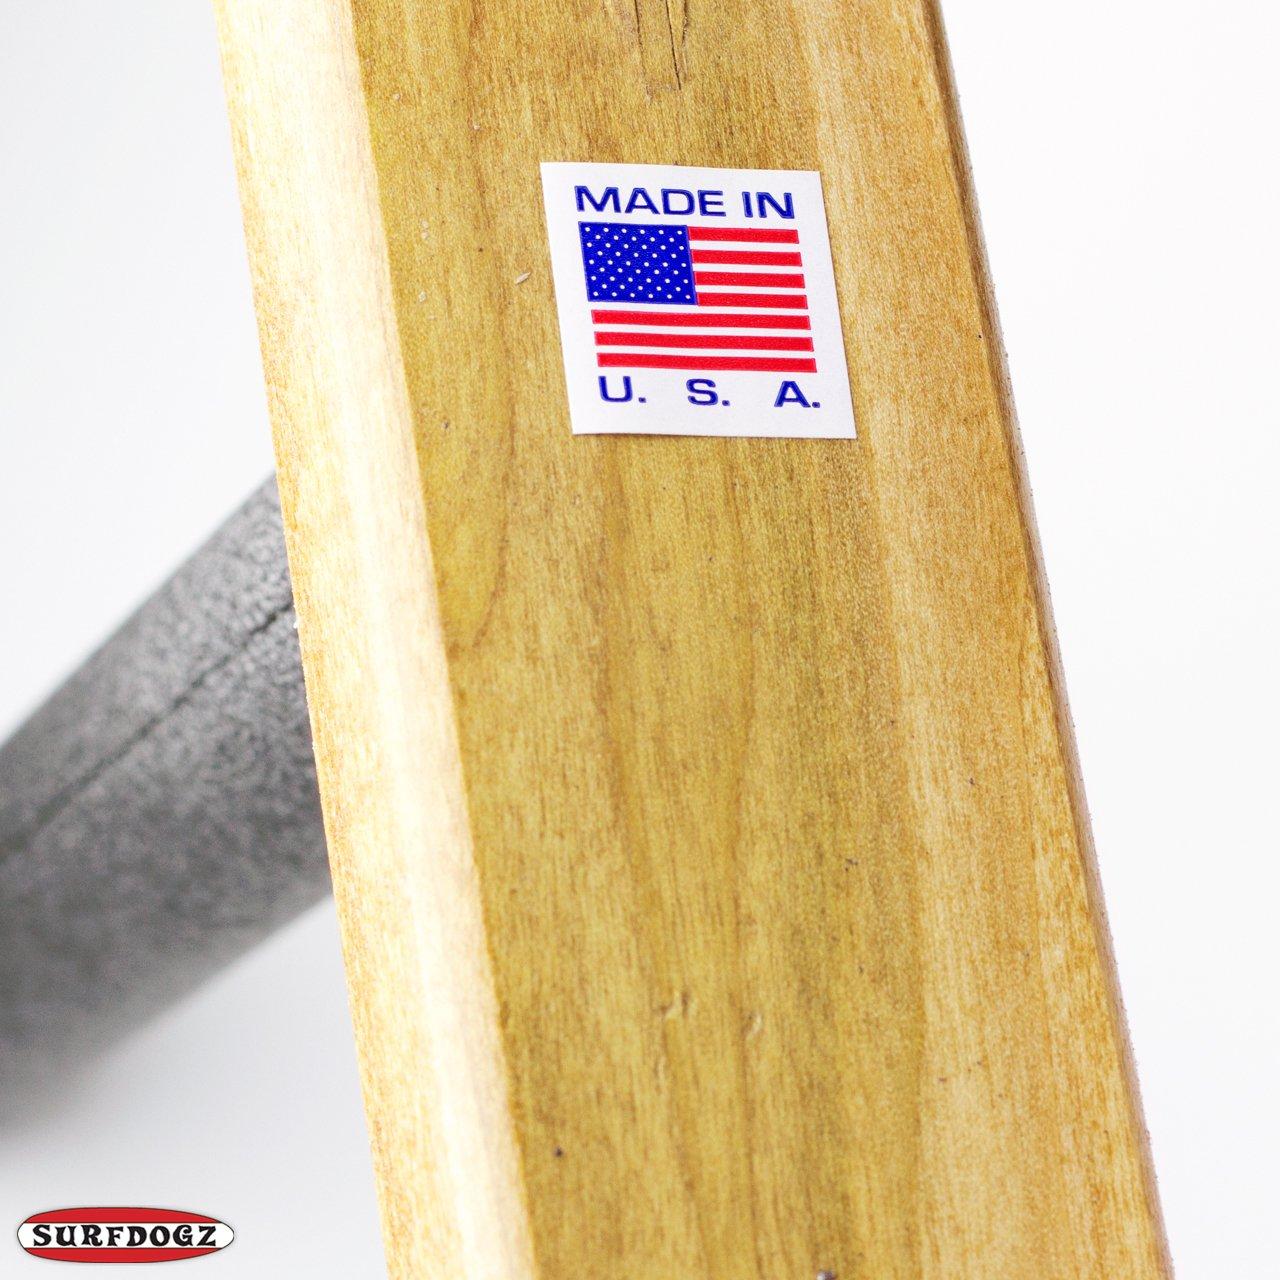 מתקן תלייה ל 2 גלשנים של חברת Surfdogs. המתקן מיוצר בארה״ב, קל להרכבה.